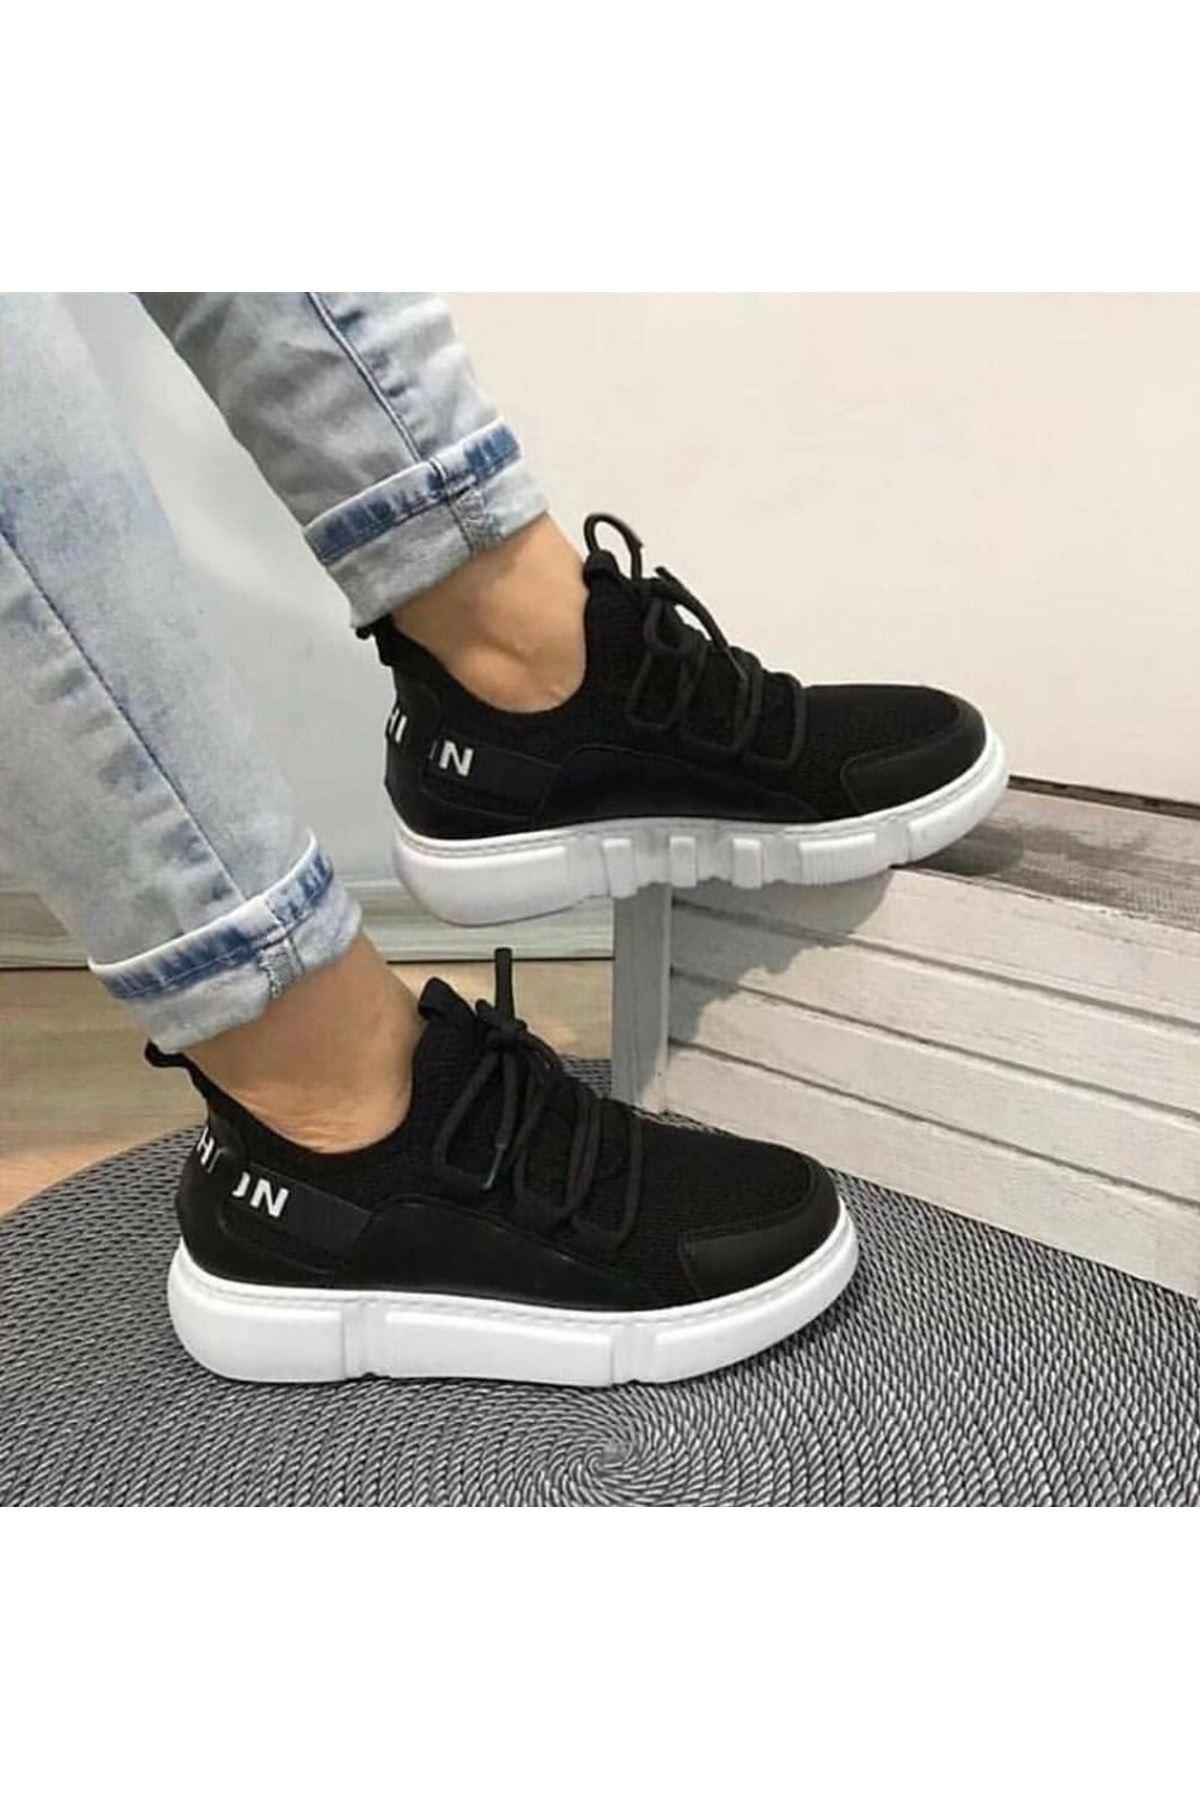 Fashion Yazı Detay Bayan Spor Ayakkabı Siyah